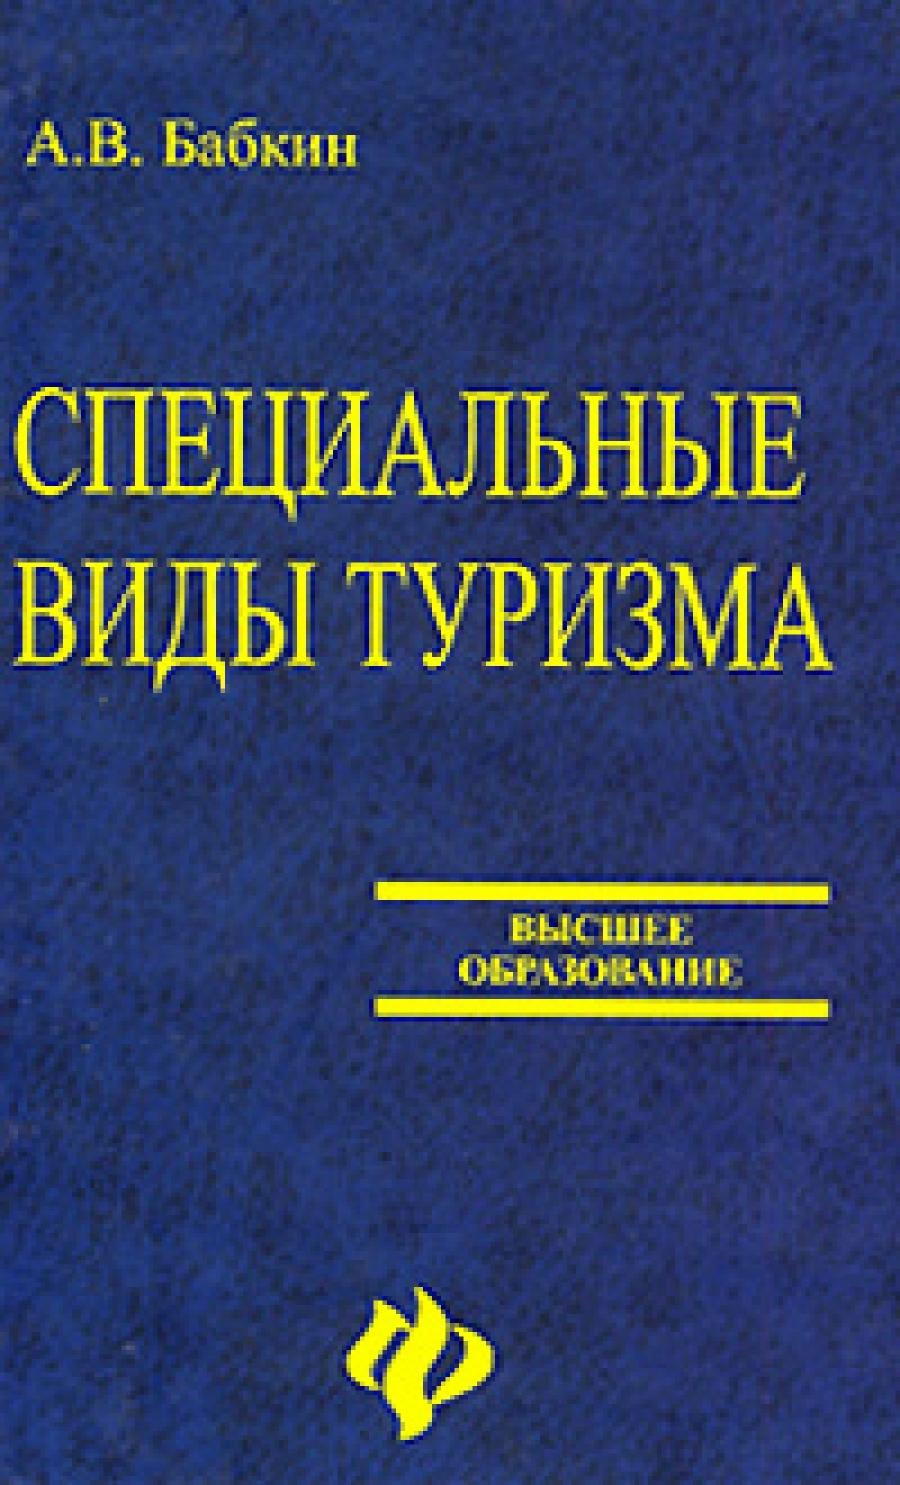 Обложка книги:  бабкин а.в. - специальные виды туризма